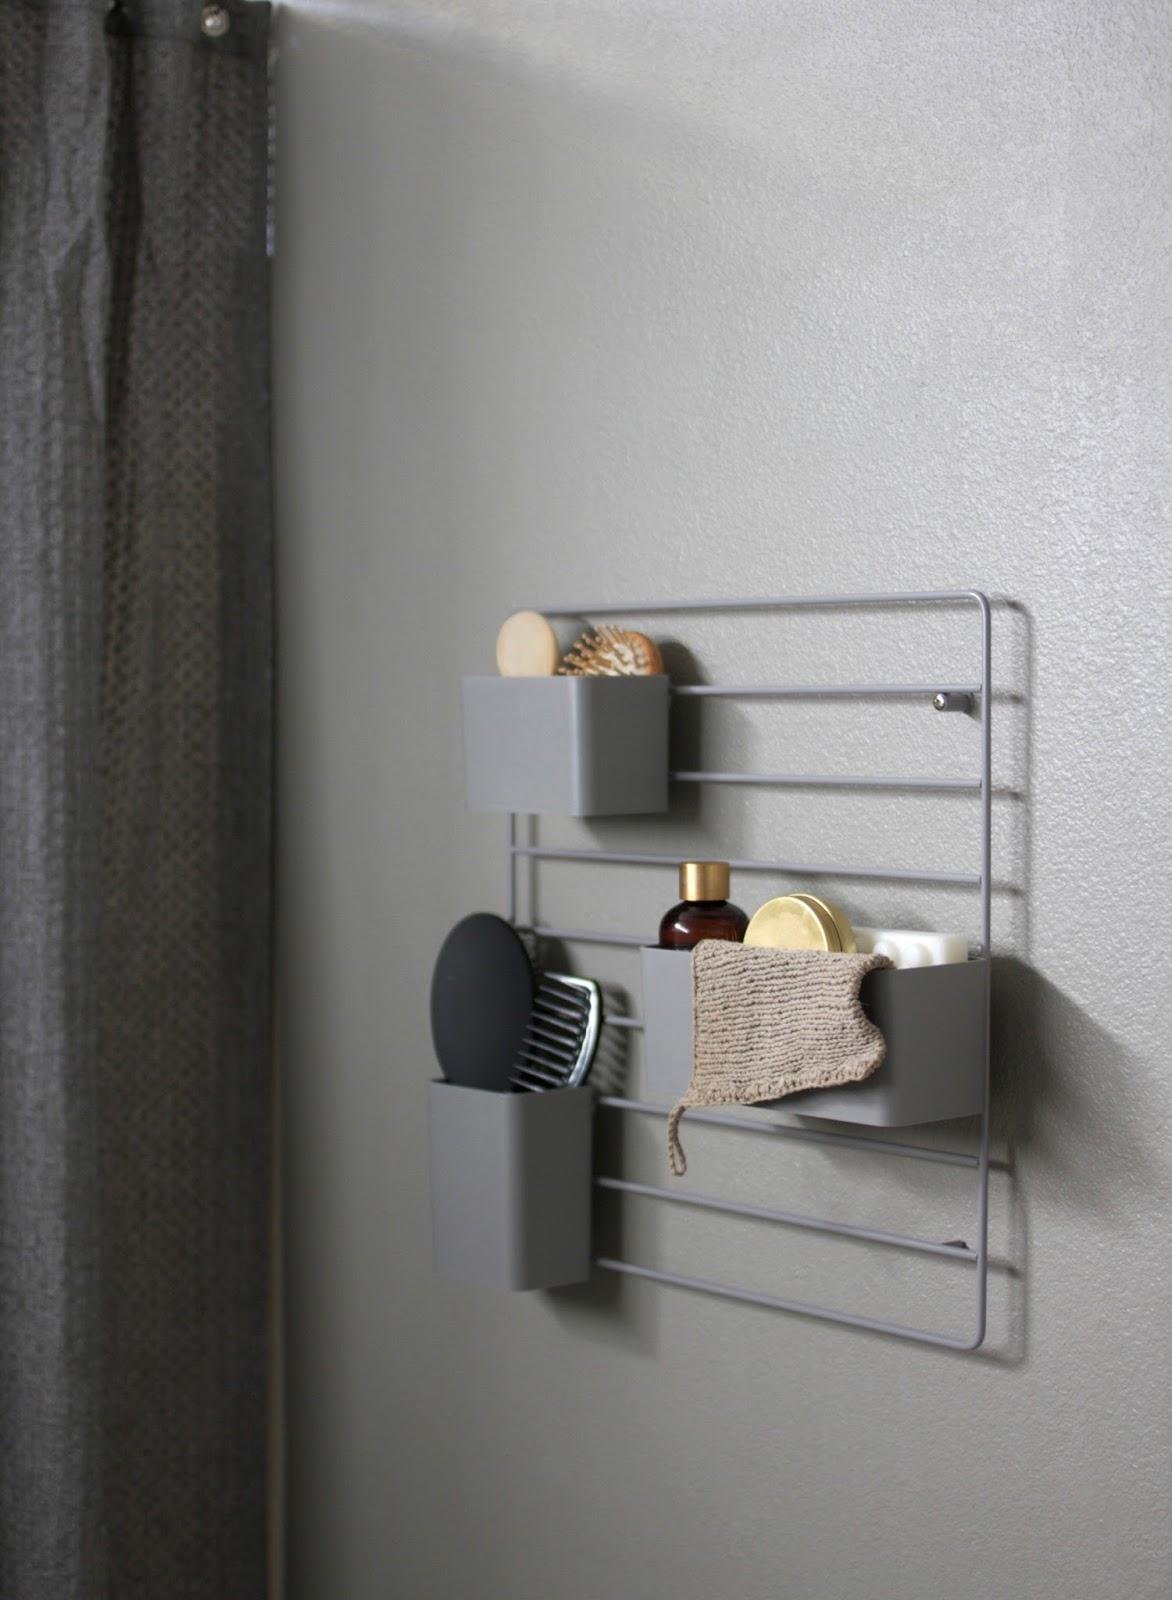 String grid as a bathroom organizer